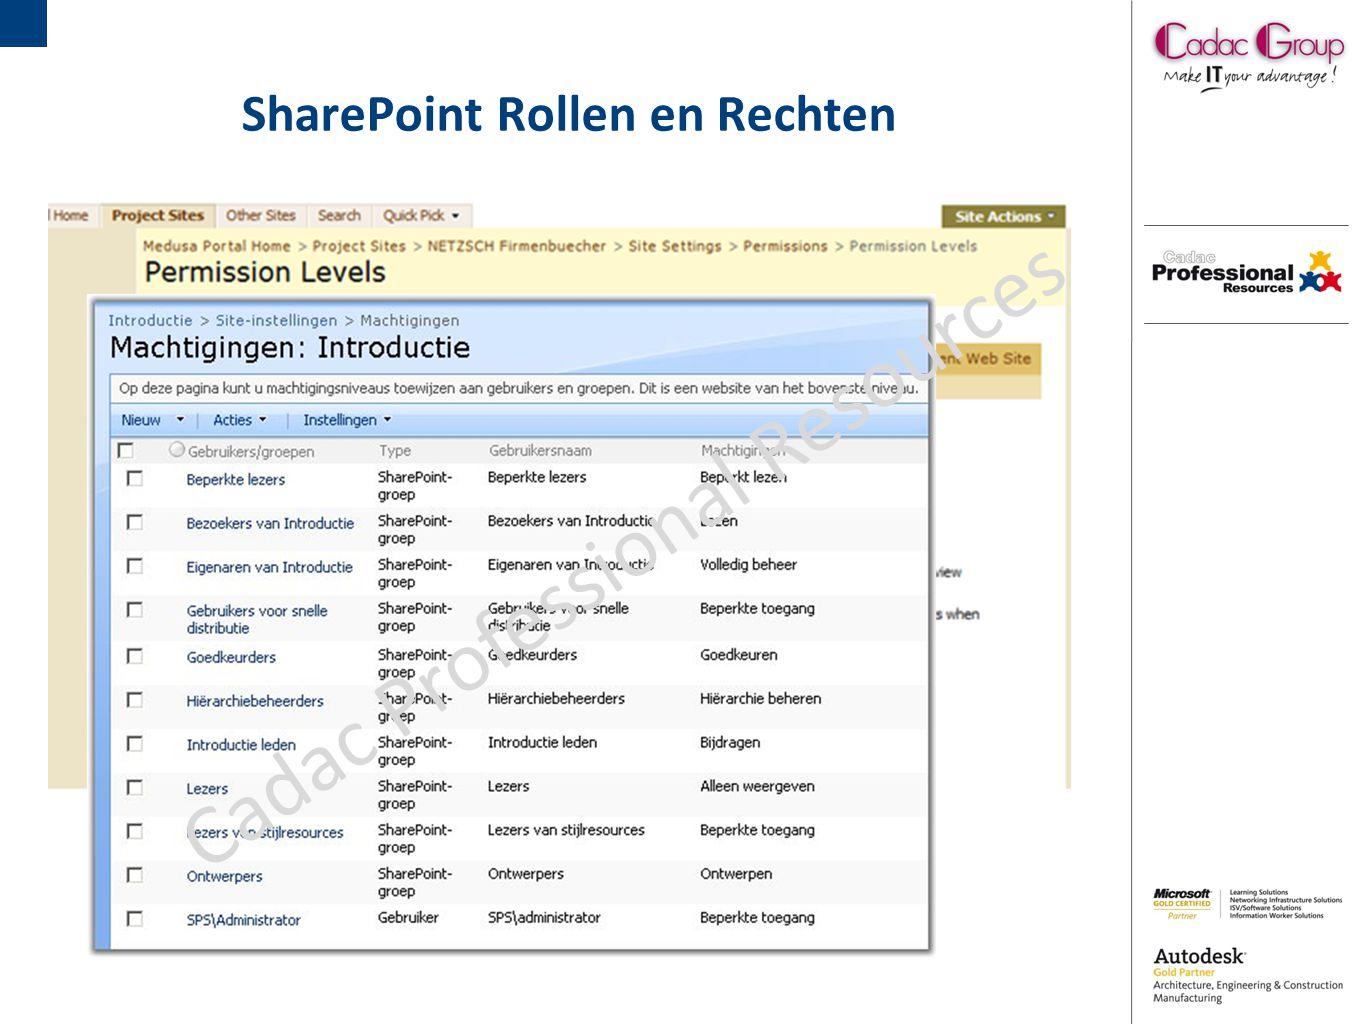 SharePoint Rollen en Rechten Cadac Professional Resources